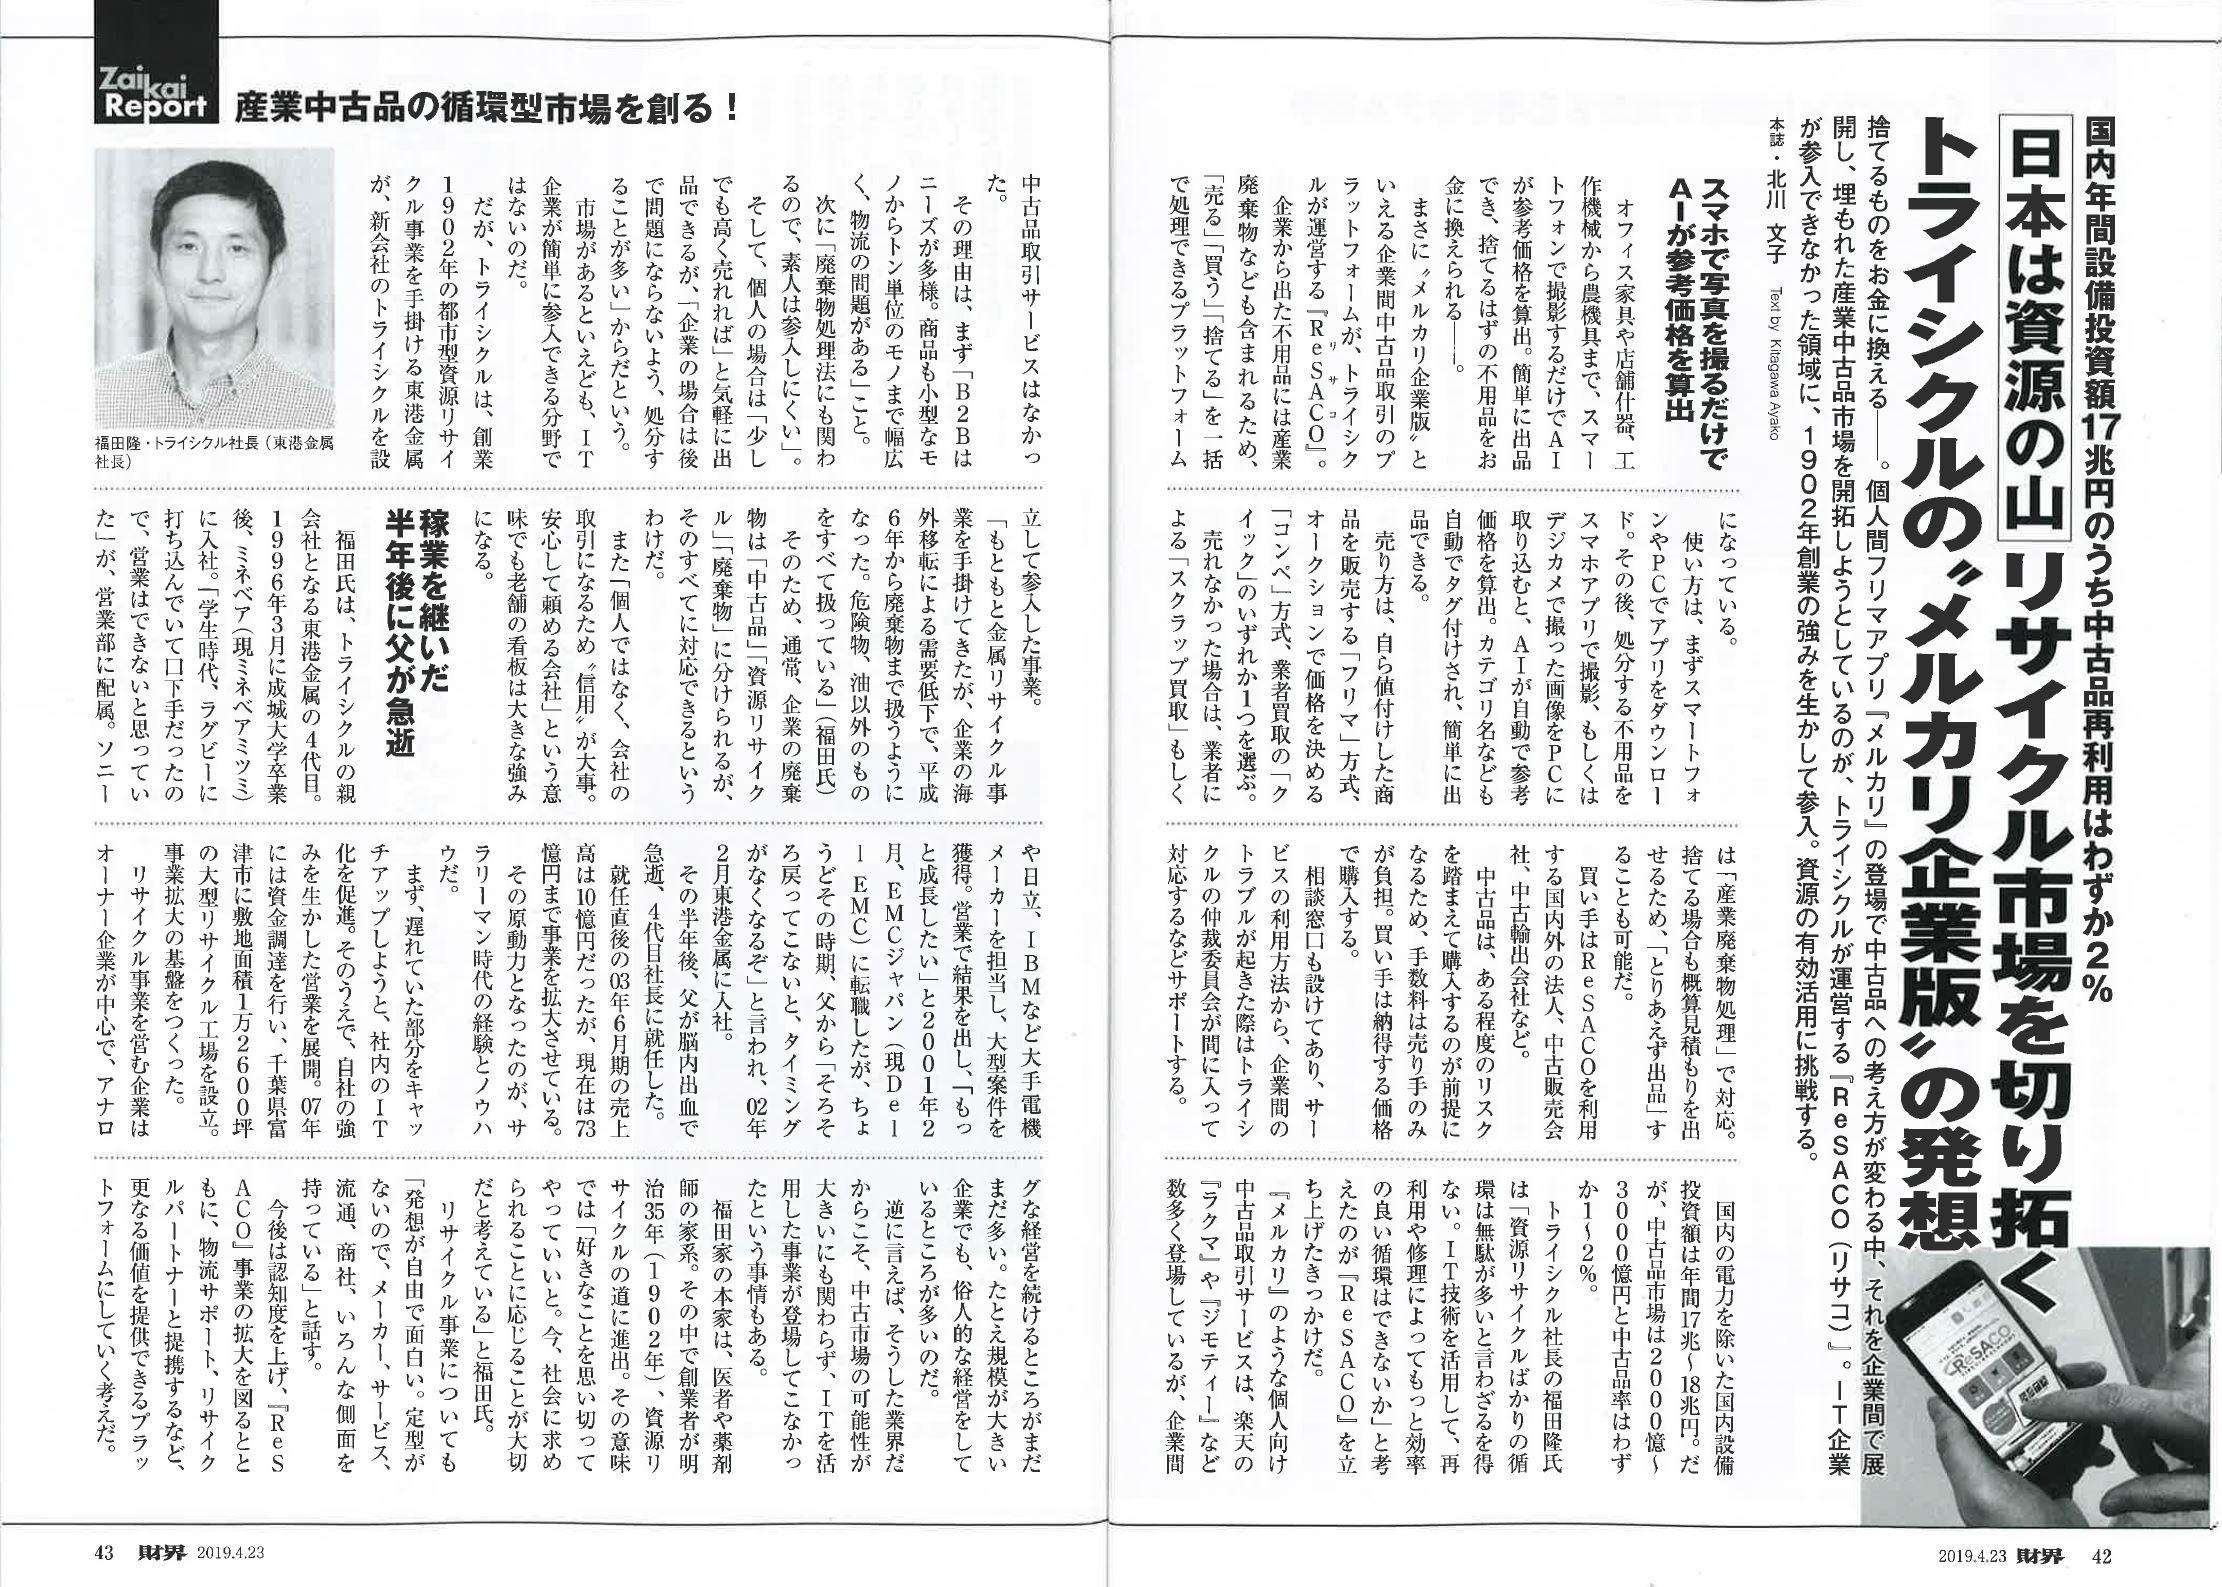 財界インタビュー記事